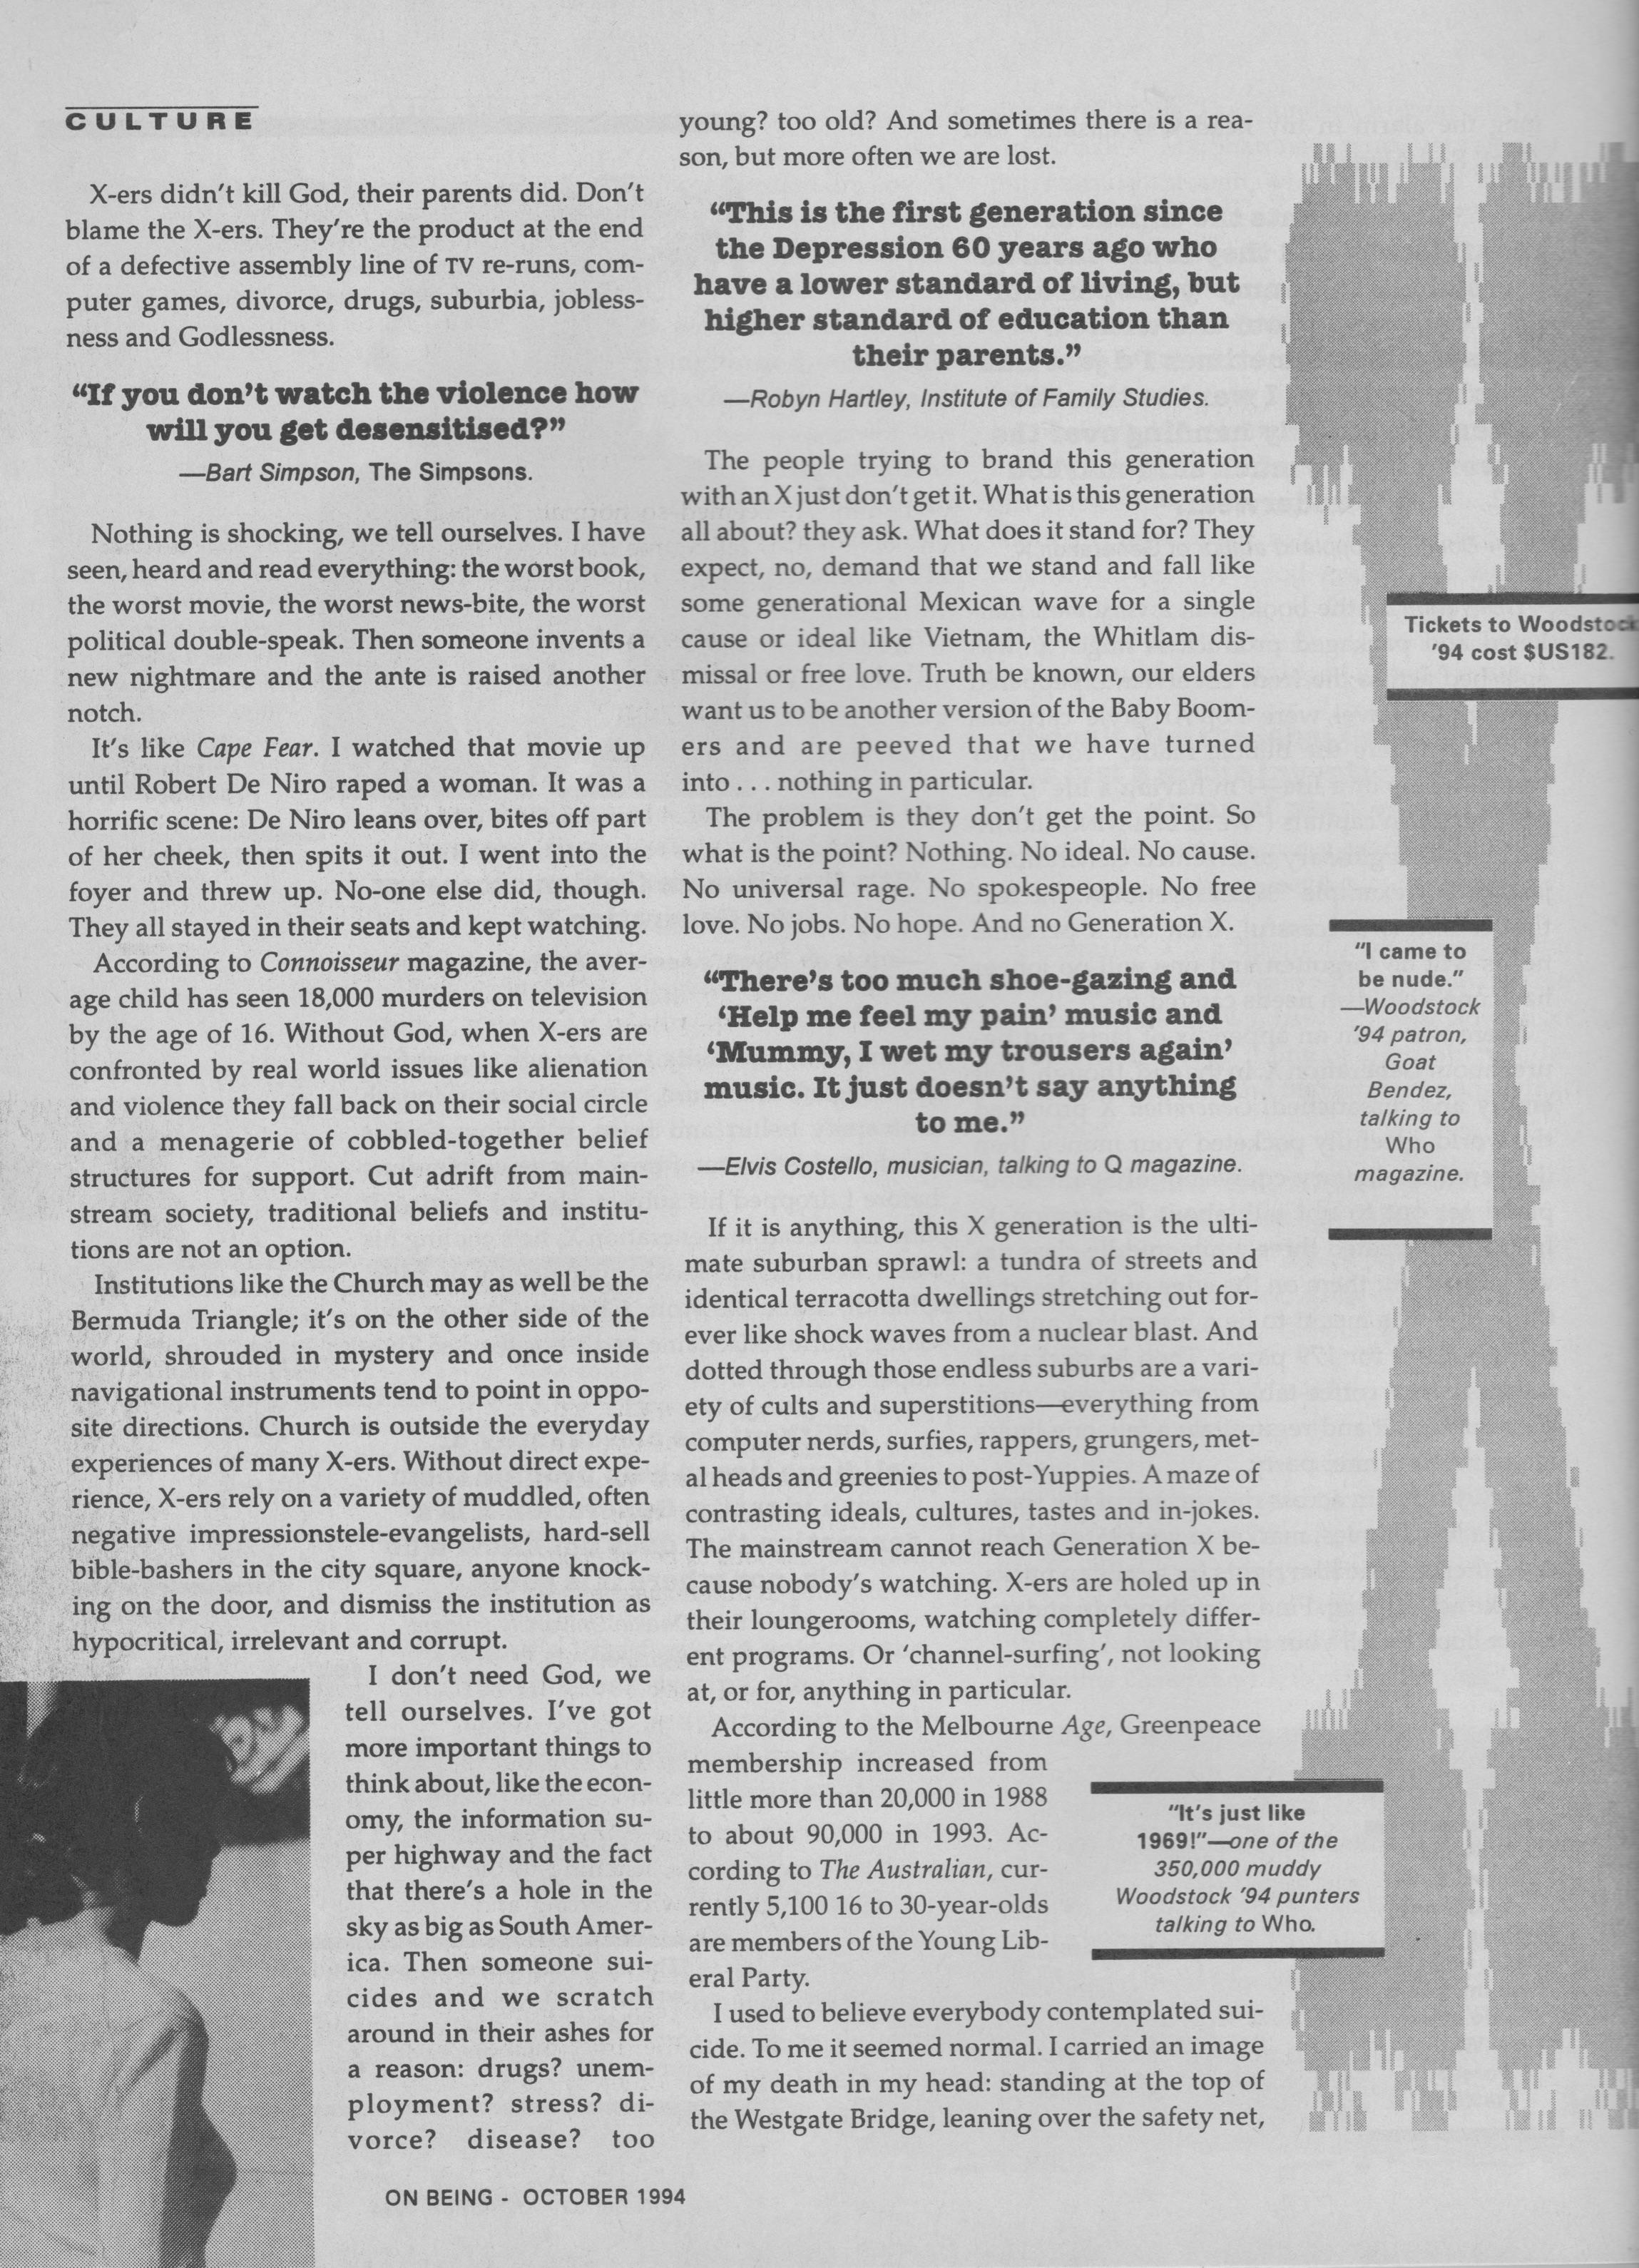 GenX-OnBeing-October1994-5.jpg